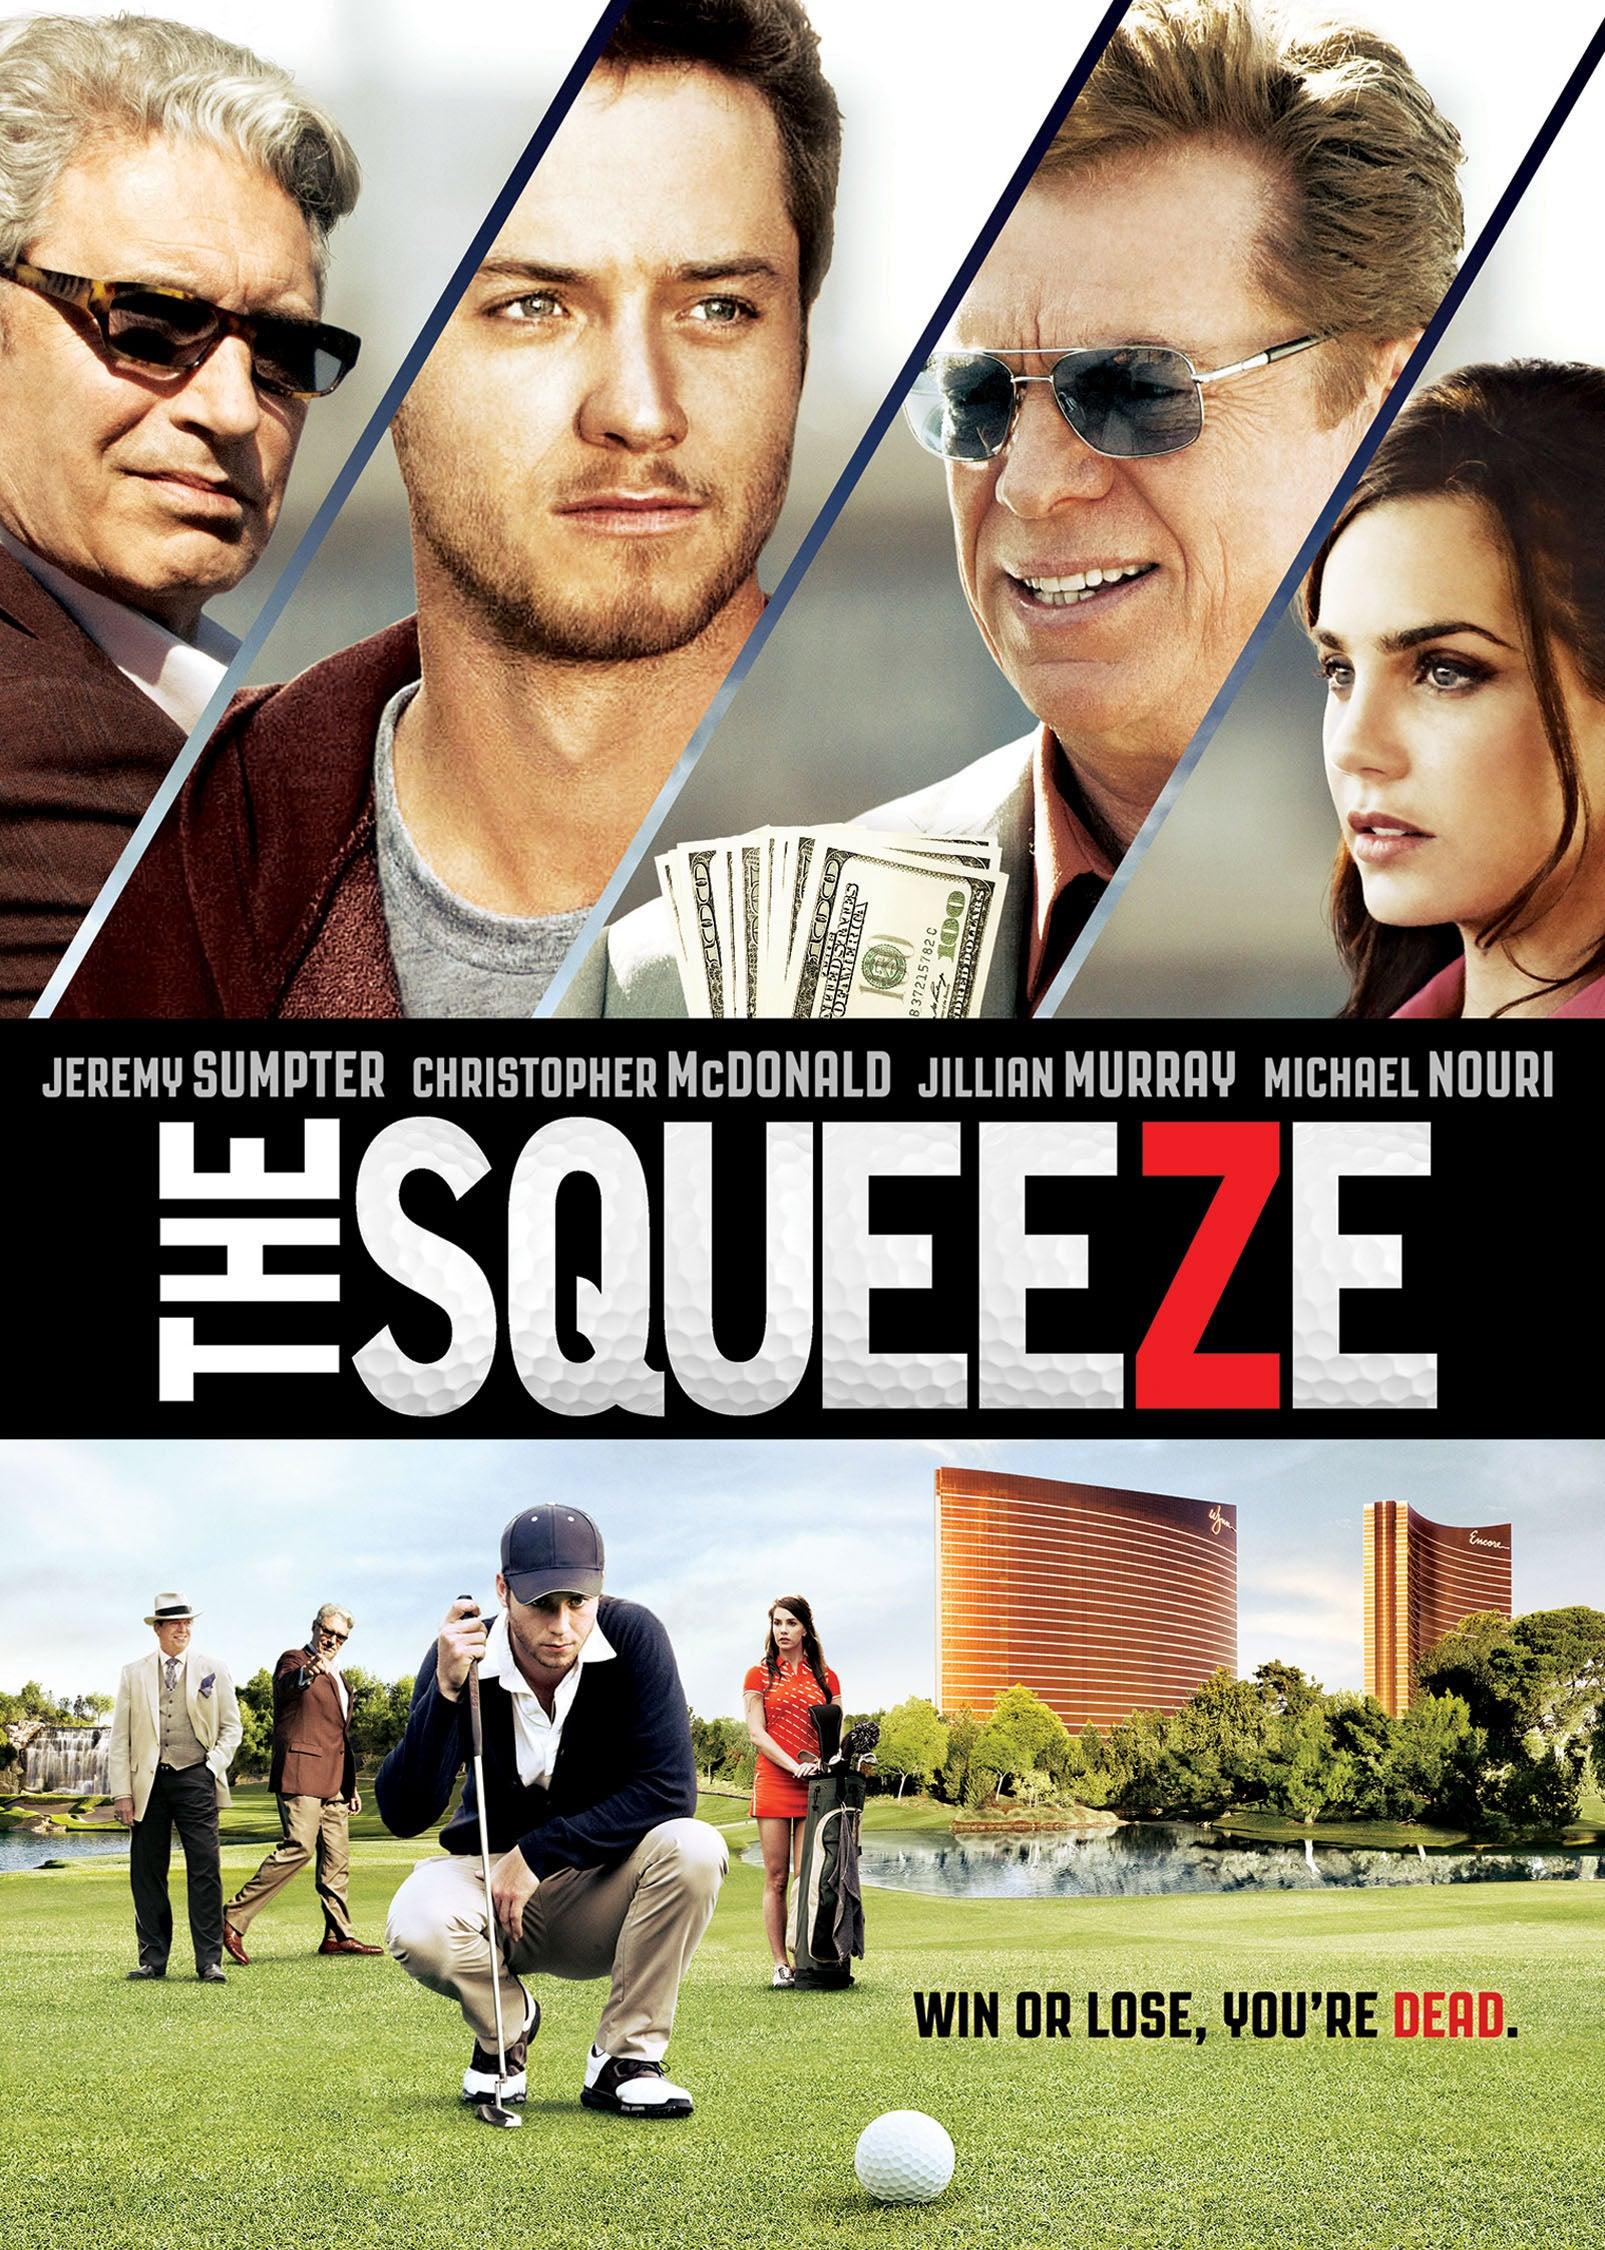 TheSqueeze_2D.jpg